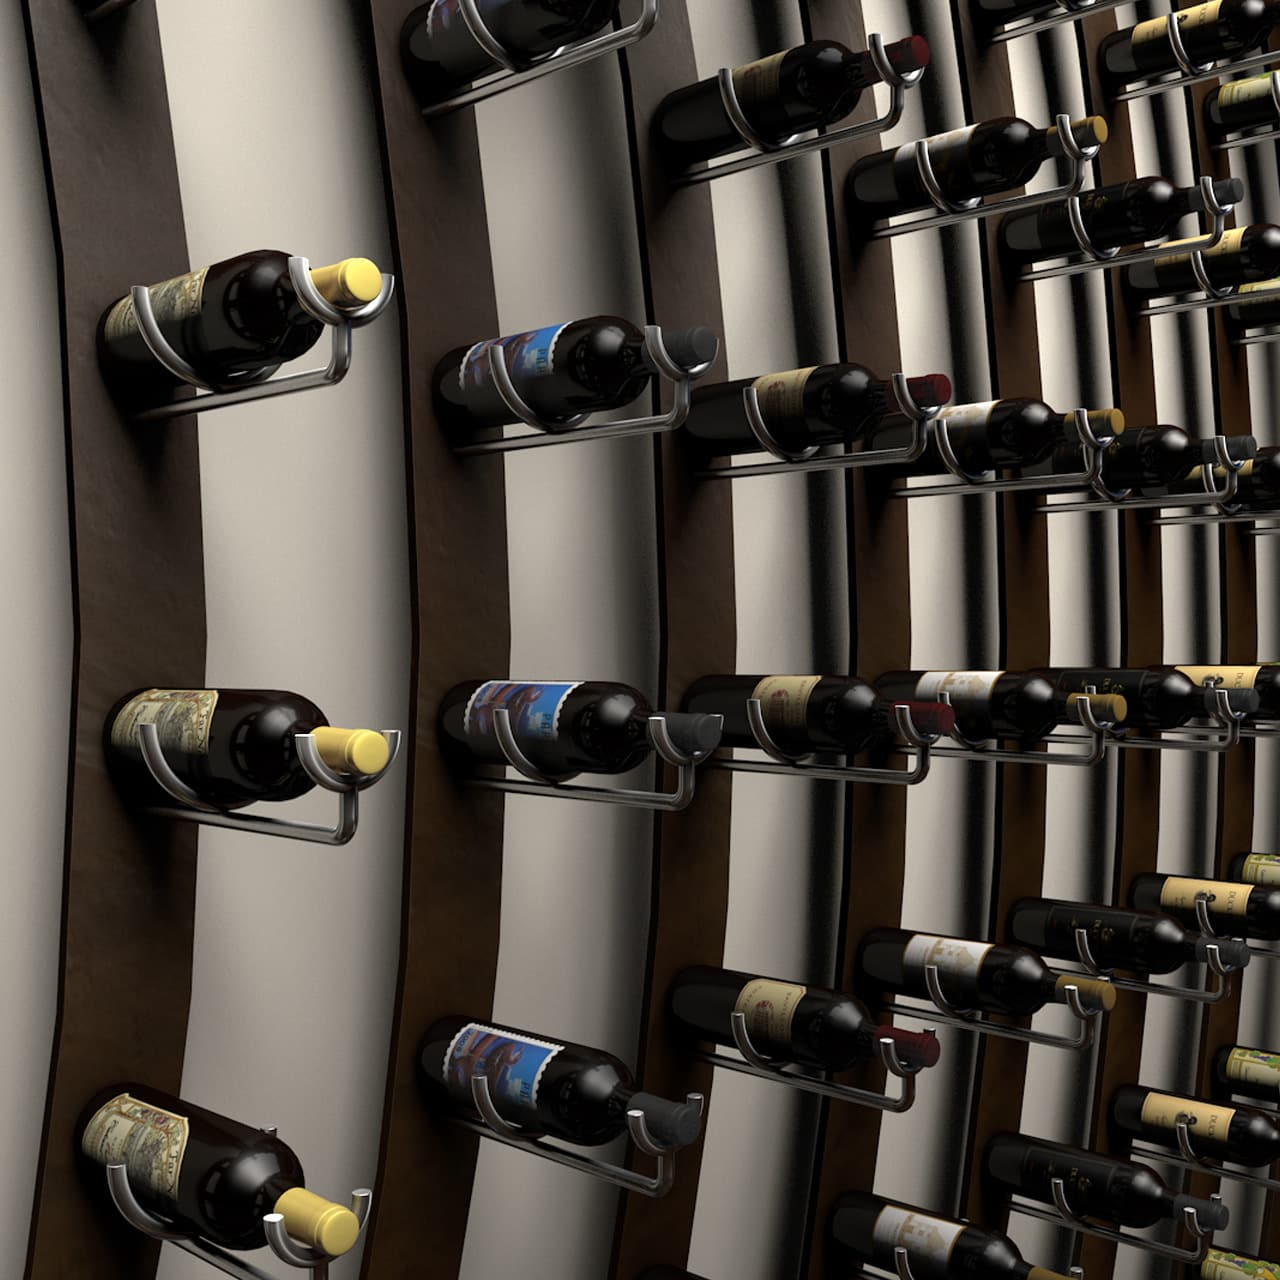 Ultra PEG Wine Saddle Series Metal Racking System